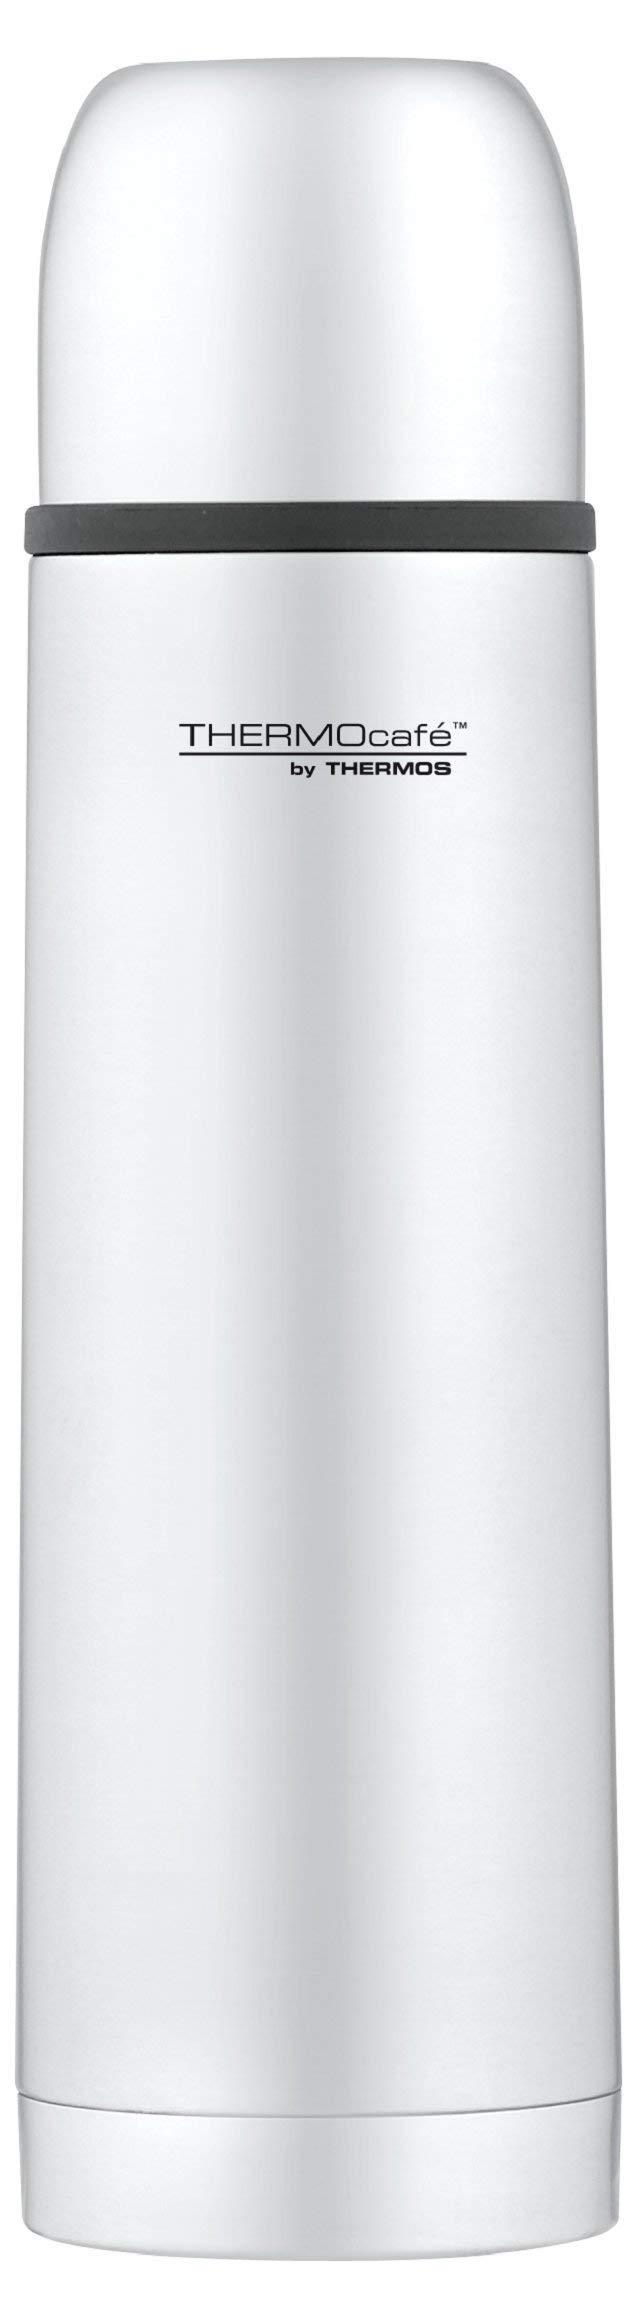 Thermos ThermoCafé Petaca en acero inoxidable (500 ml) product image